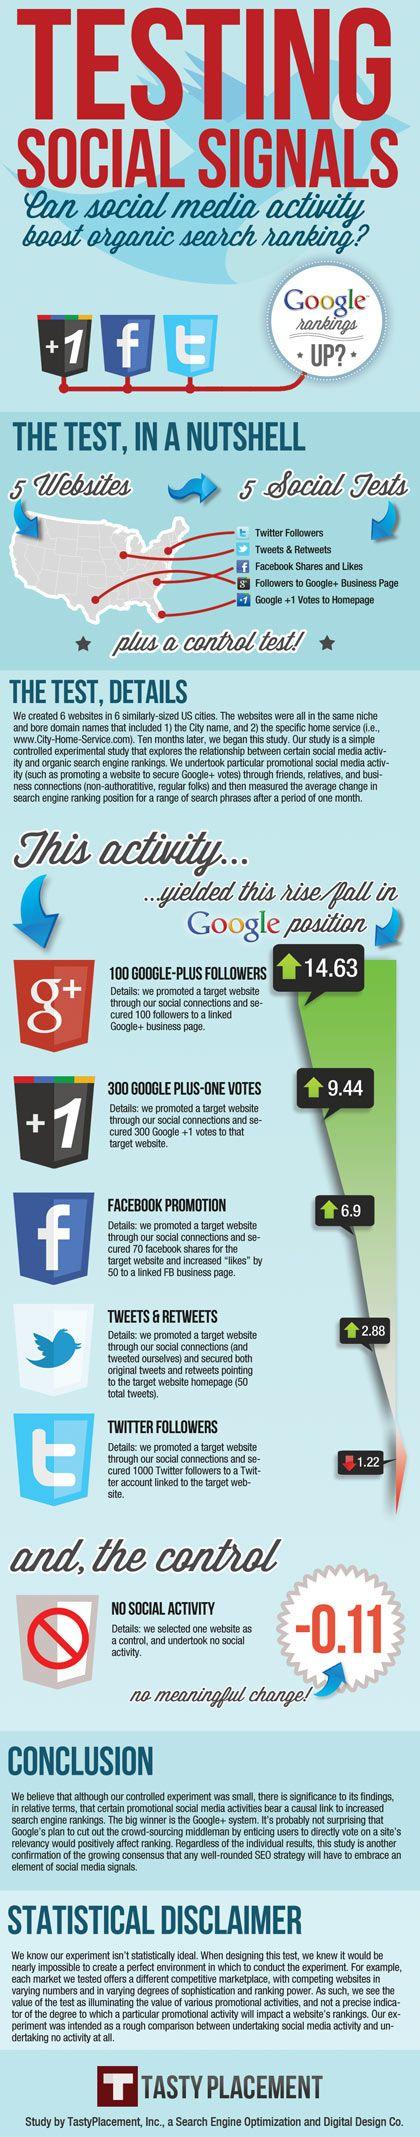 Can social media activity boost organic search ranking?  (I Social media possono migliorare la posizione nelle SERP di Google?)